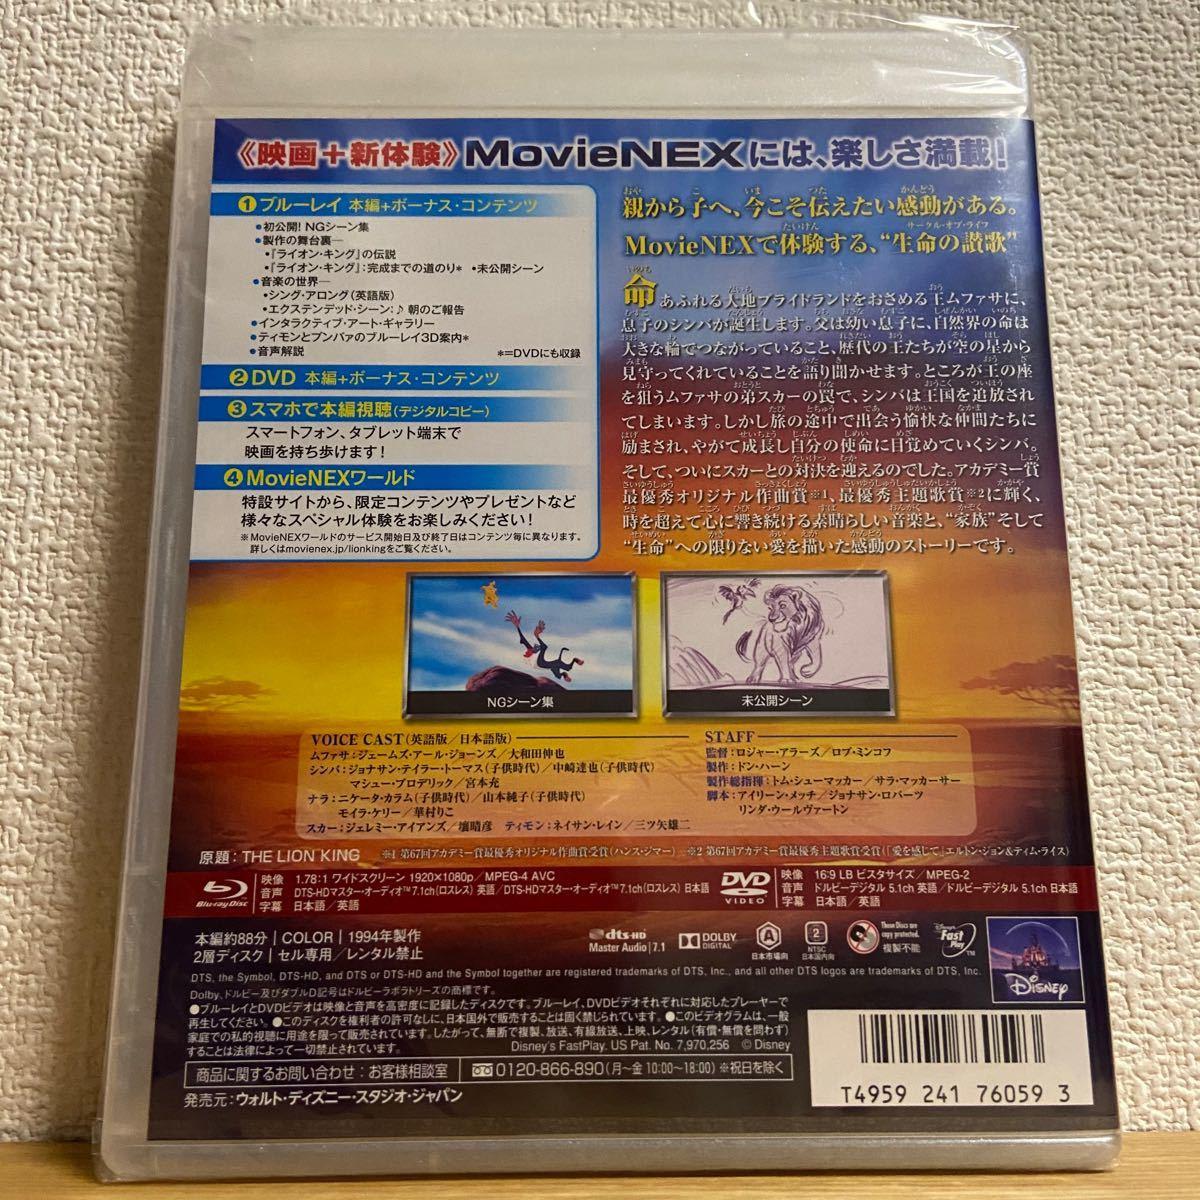 アニメ版 ライオンキング ダイヤモンド・コレクション MovieNEX('94米) ブルーレイ+純正ケース